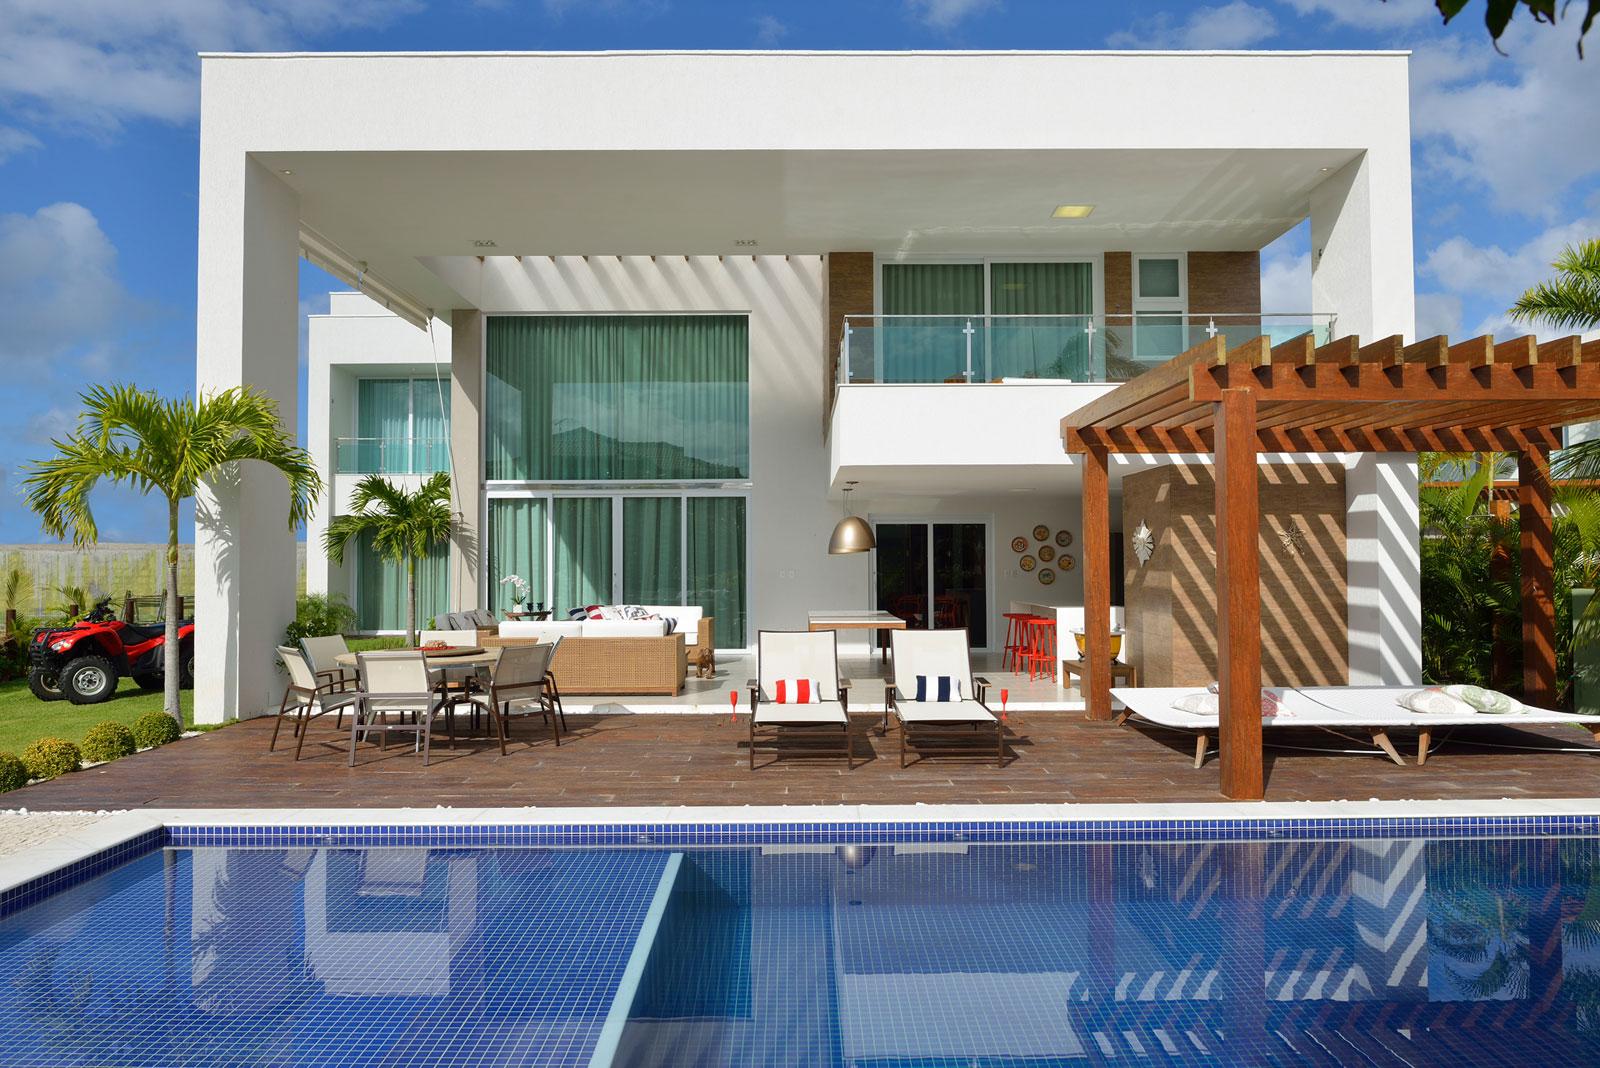 Bahia Beach Residence by Pinheiro Martinez Arquitetura-02